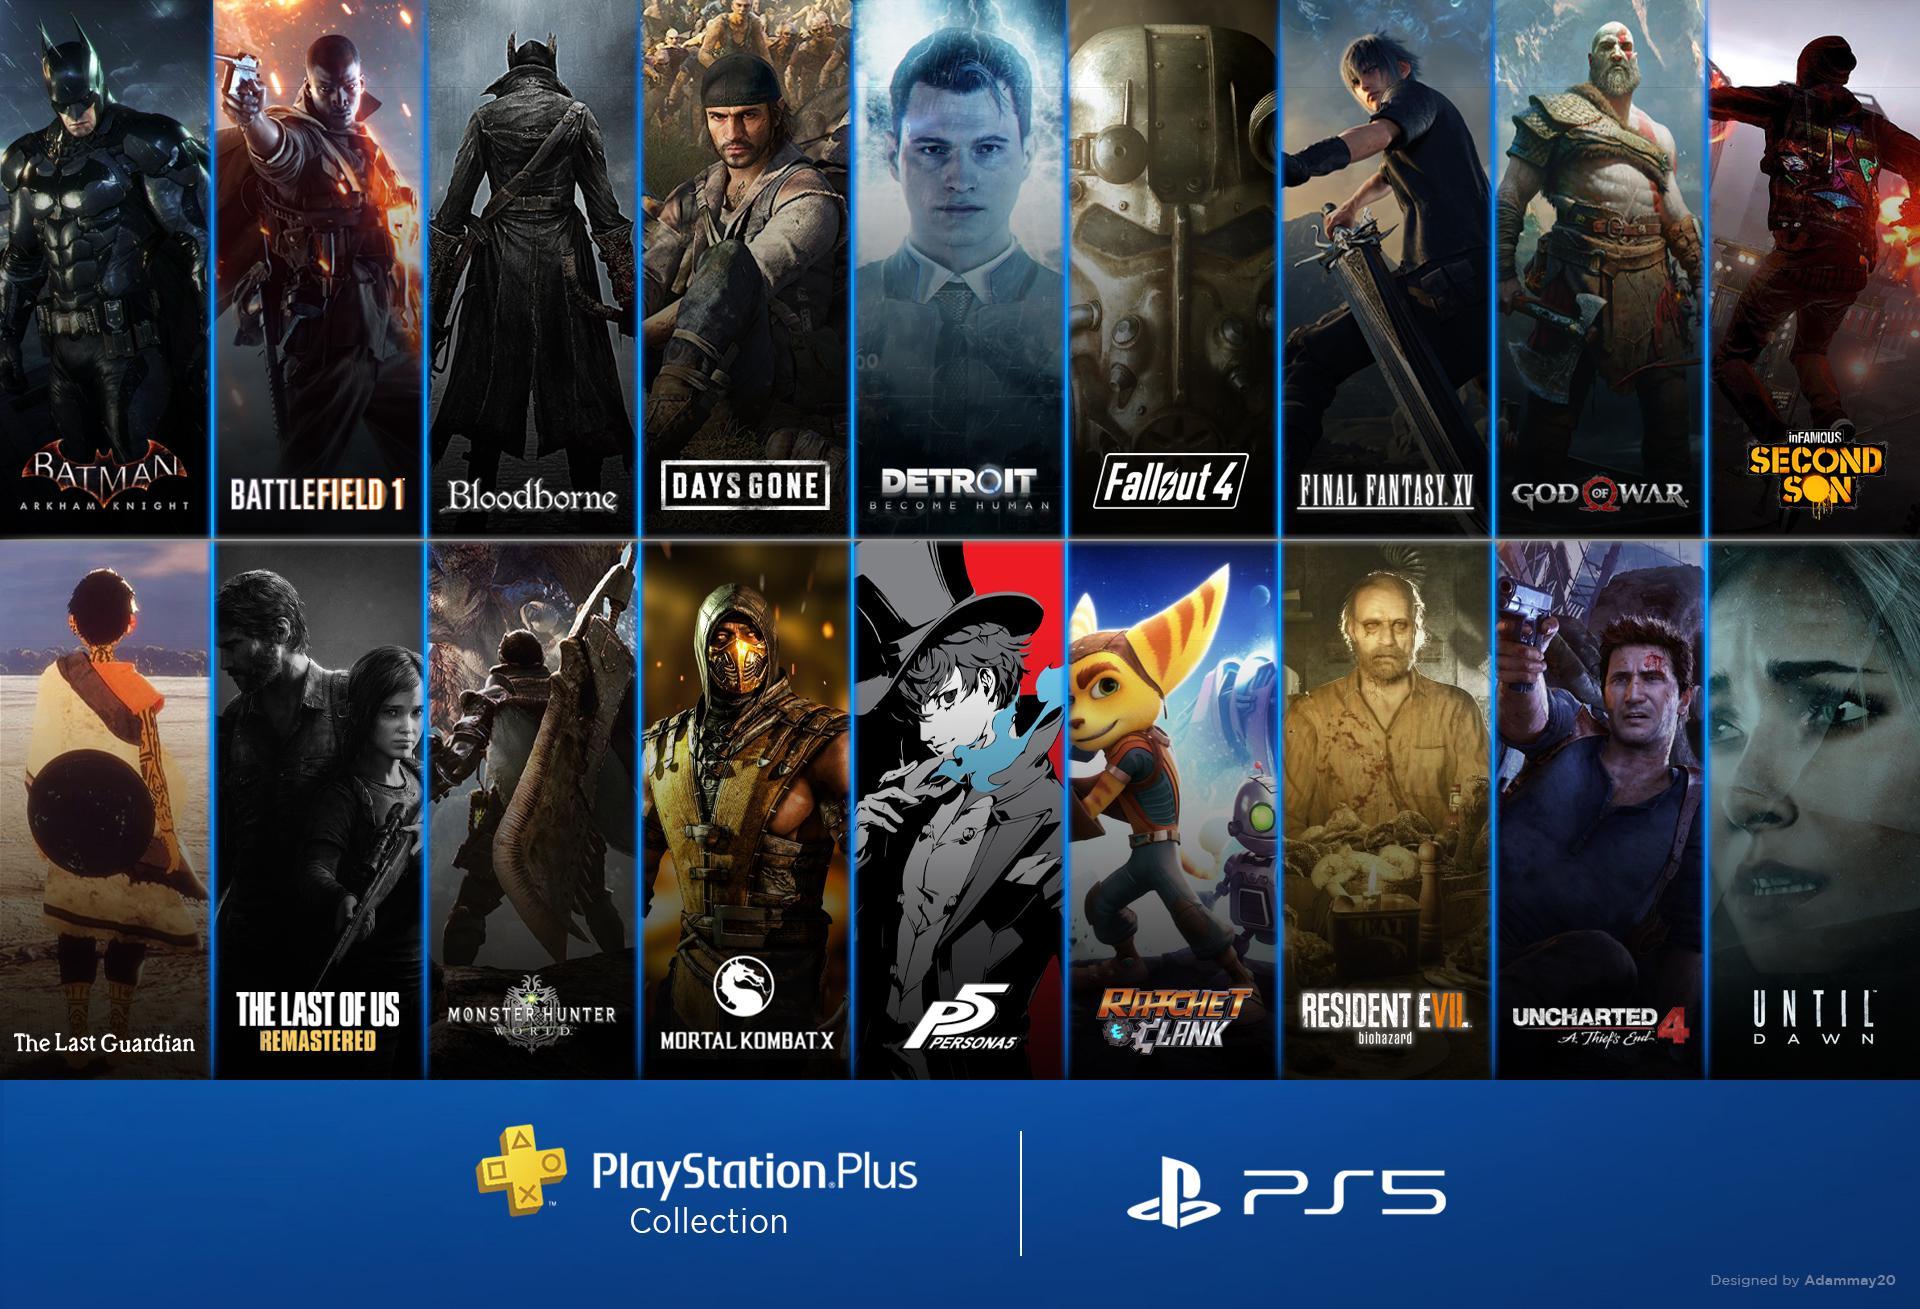 Sony chặn vĩnh viễn những người dùng bán gói truy cập vào PlayStation Plus Collection